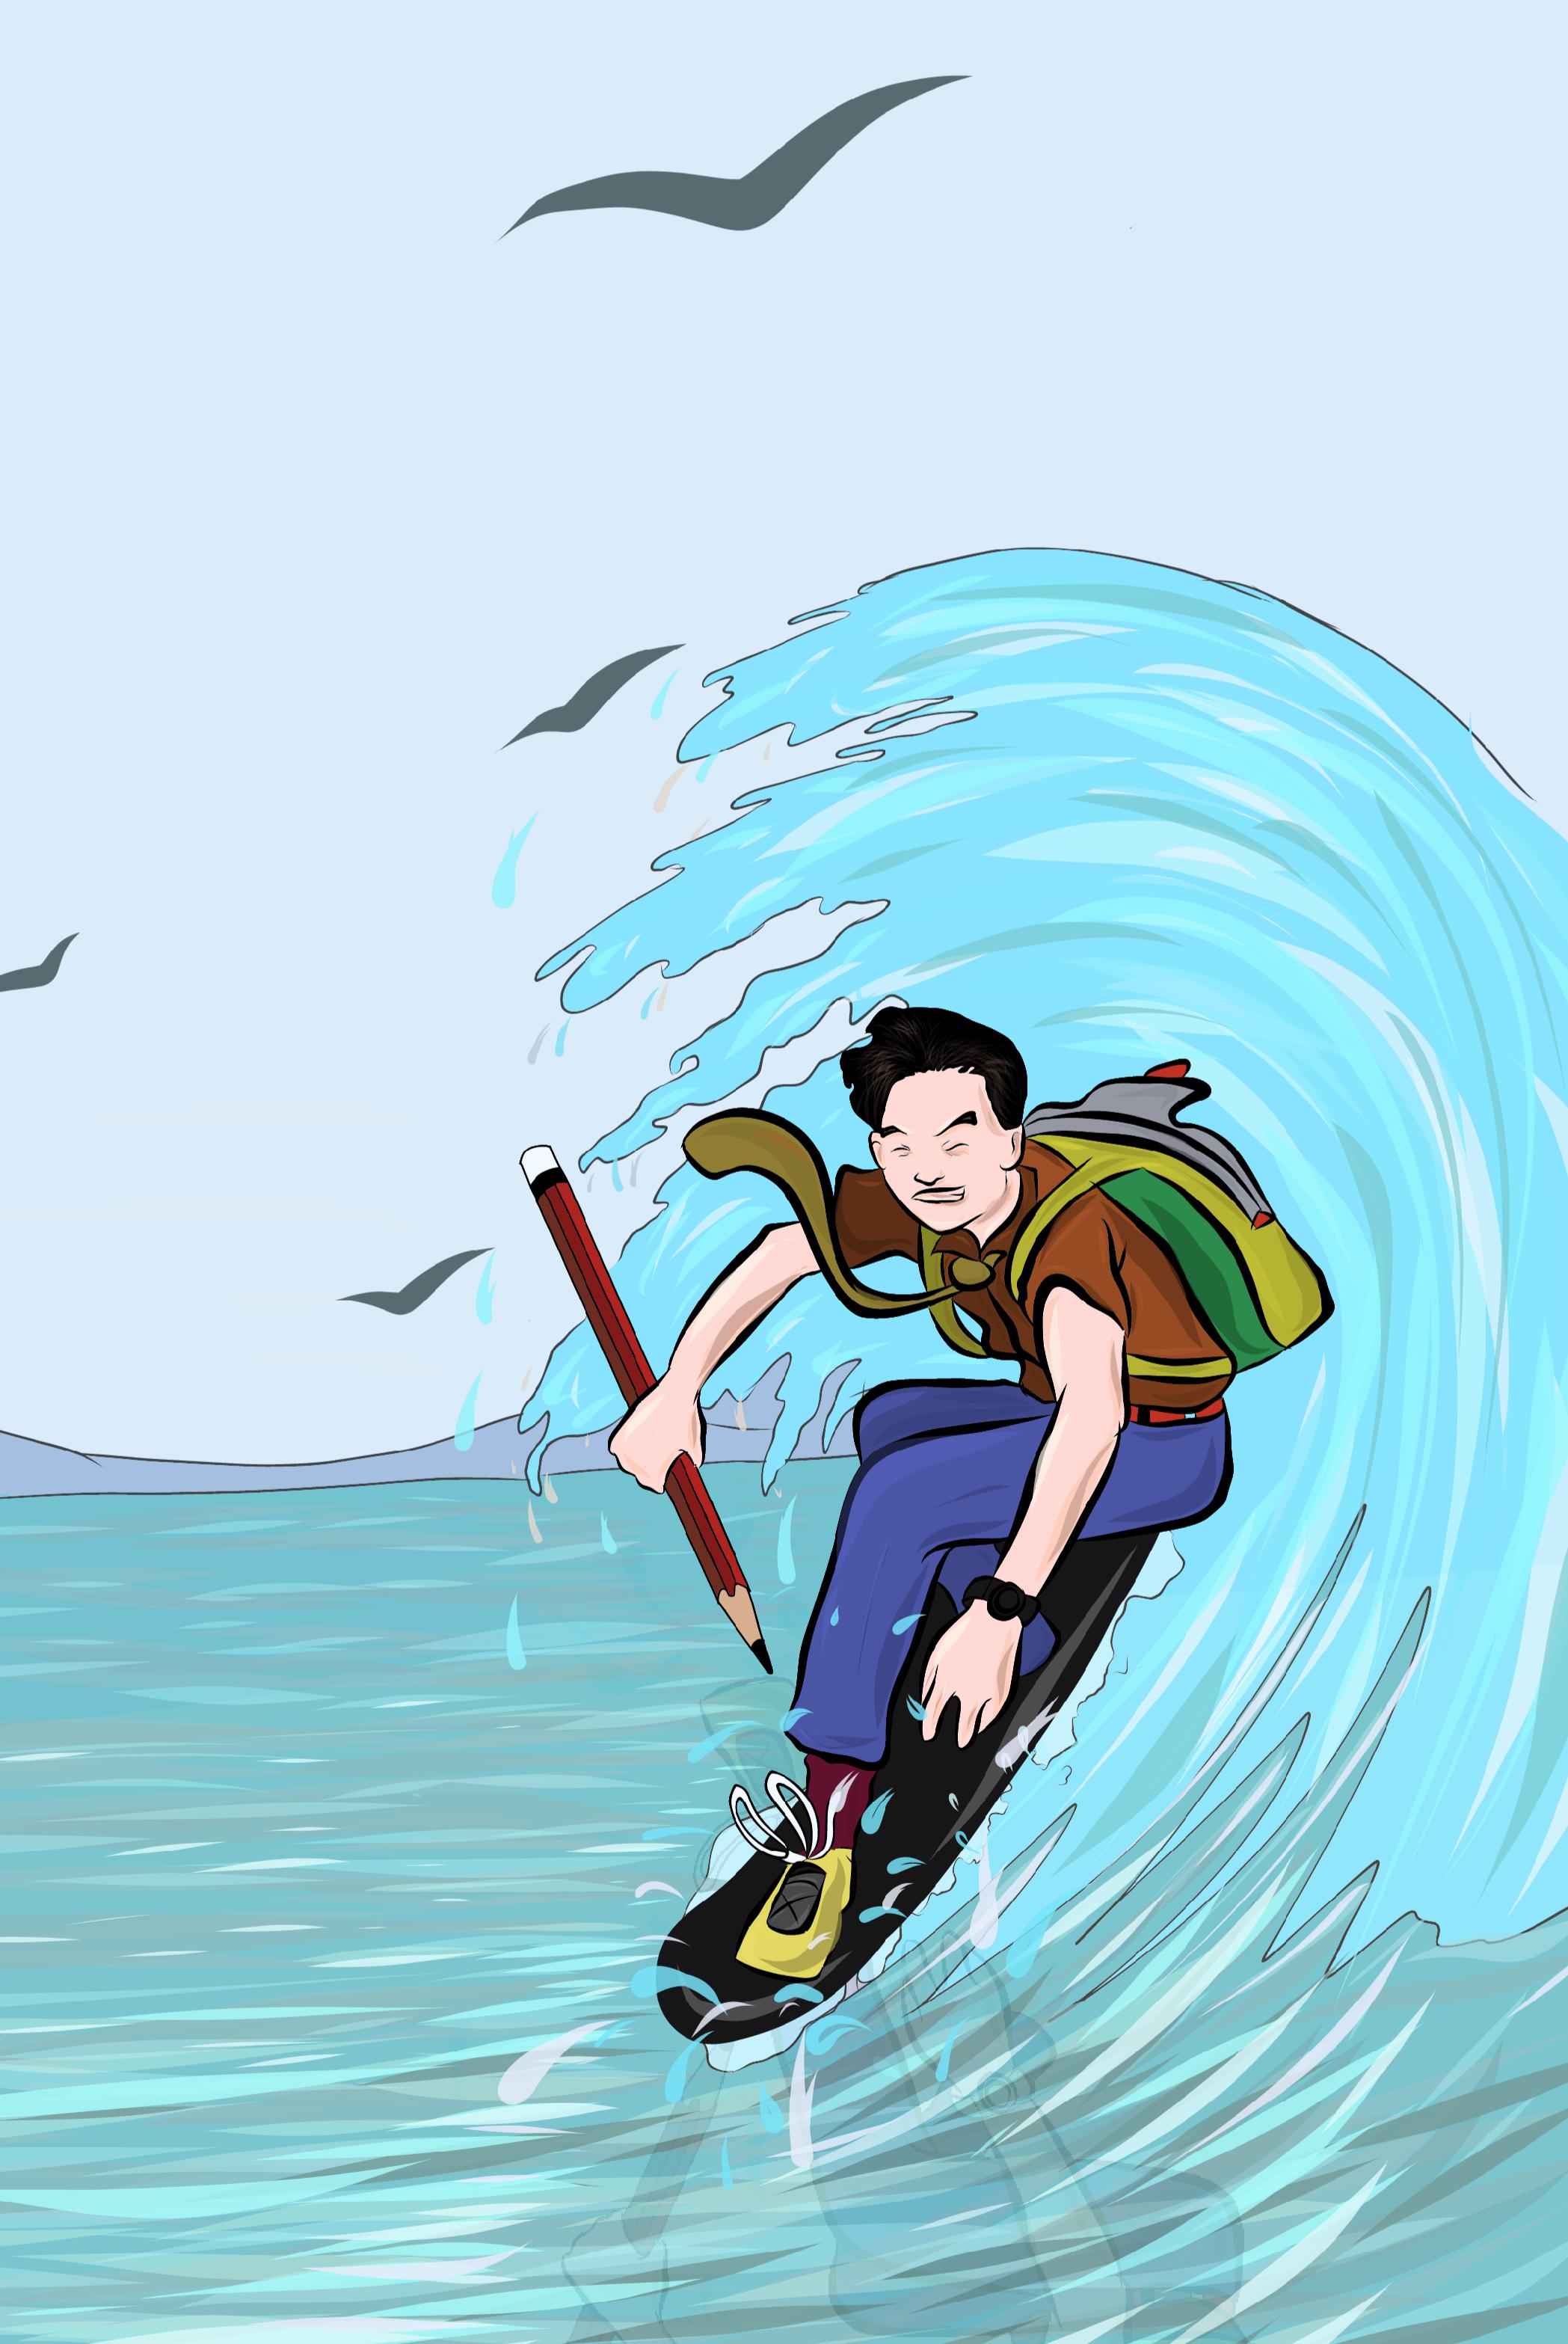 Board Surfing illustration